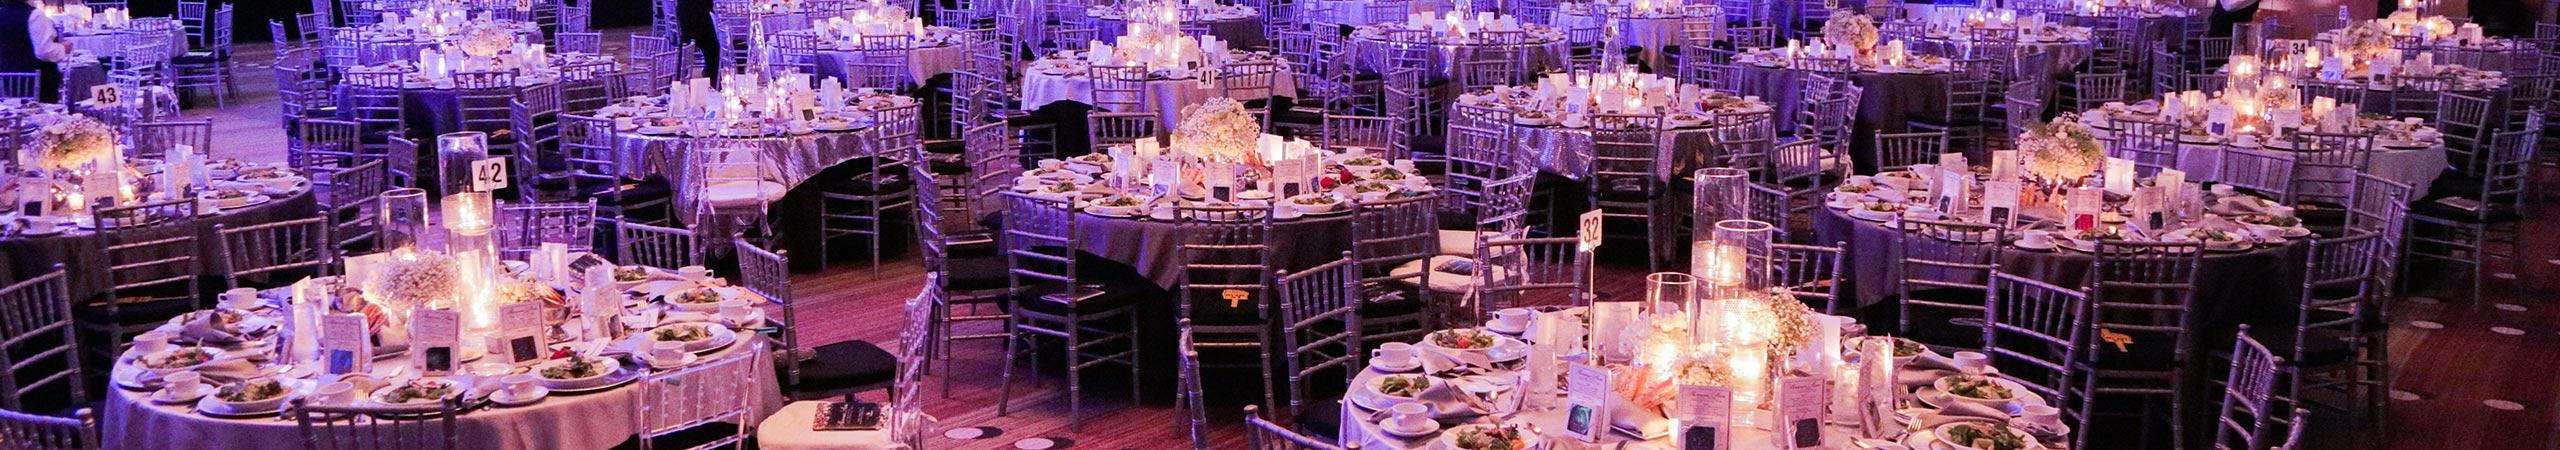 Jakcsonville-Florida-Alt-Events-Parties-Gala